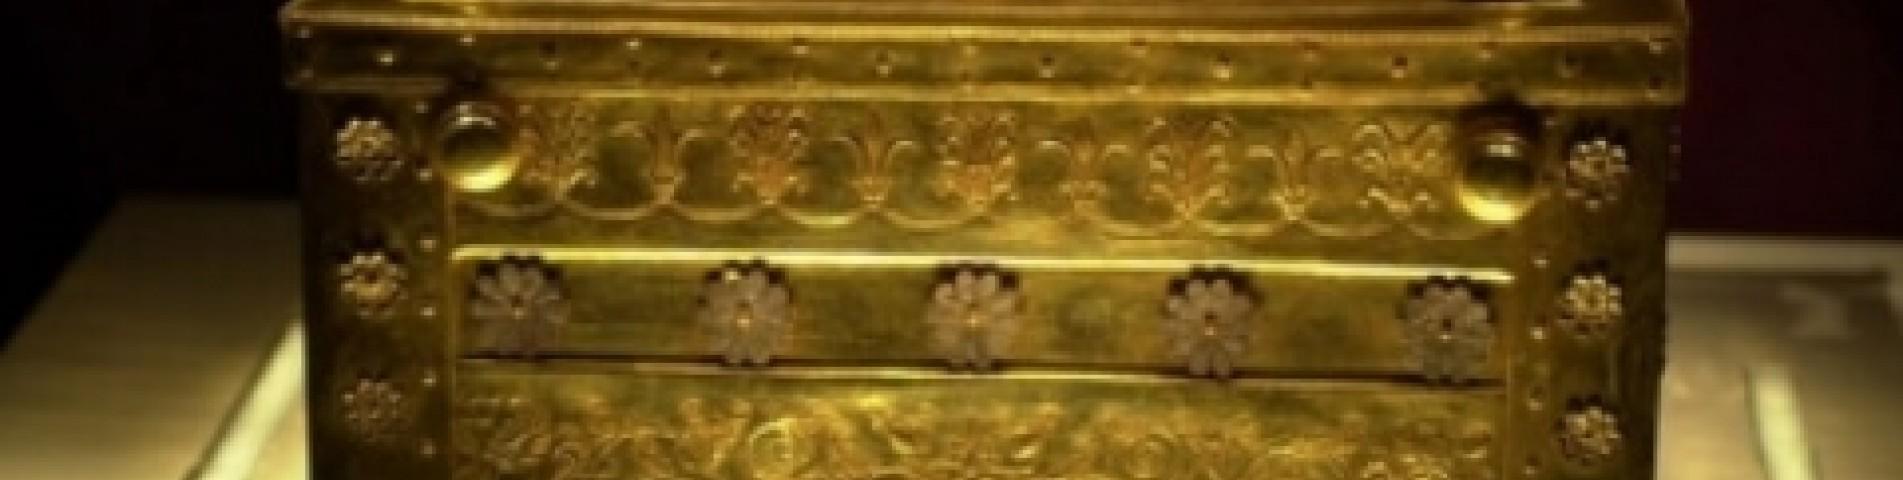 Βεργίνα - Μακεδονικοί Τάφοι